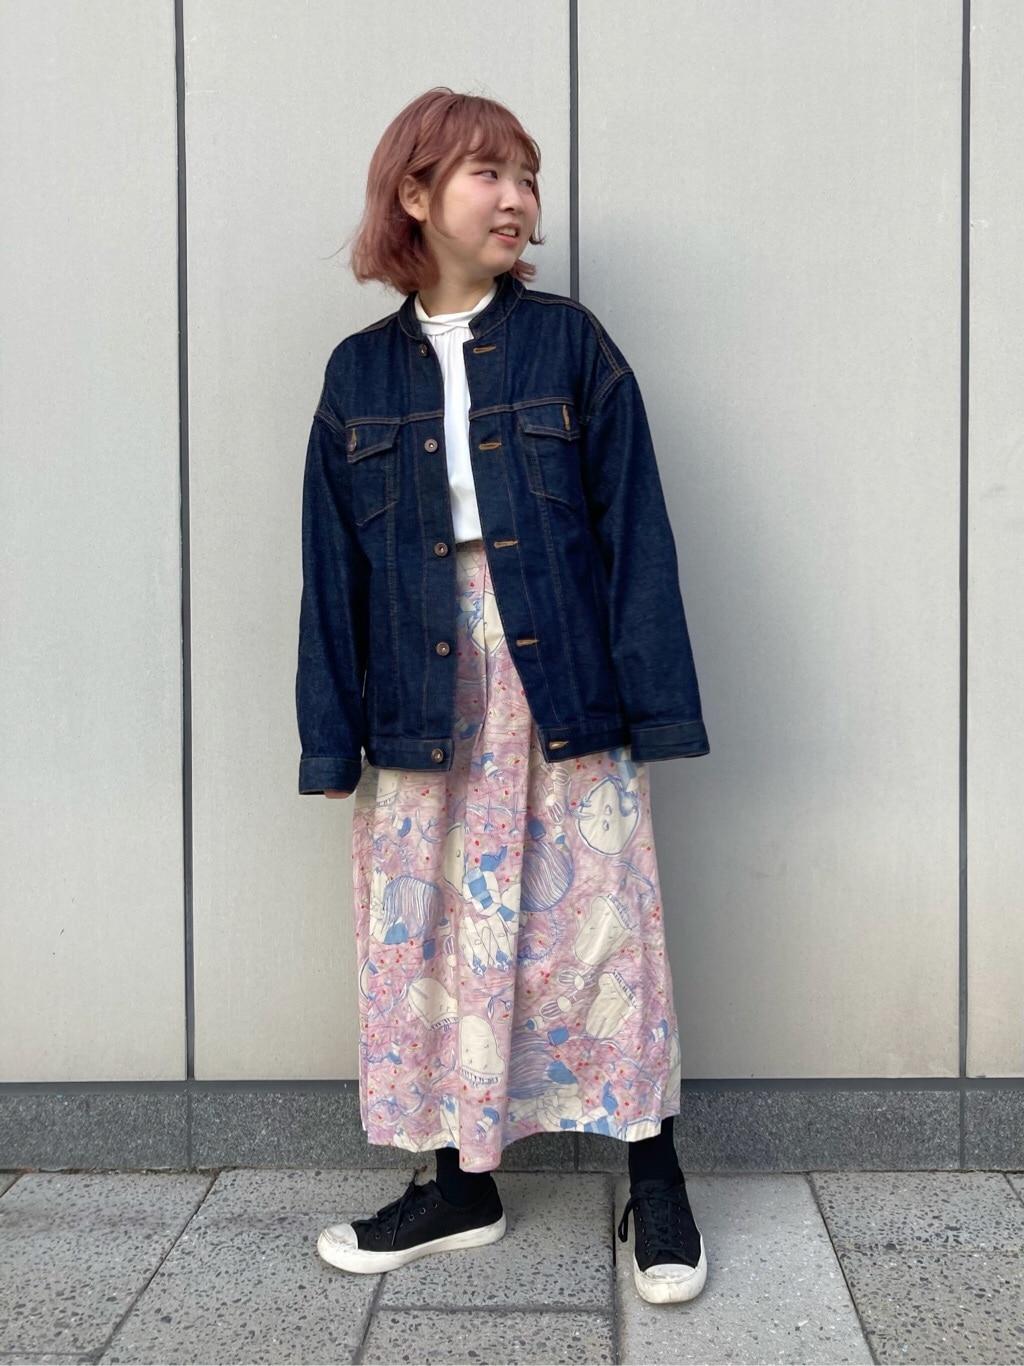 l'atelier du savon 東京スカイツリータウン・ソラマチ 身長:154cm 2021.02.09